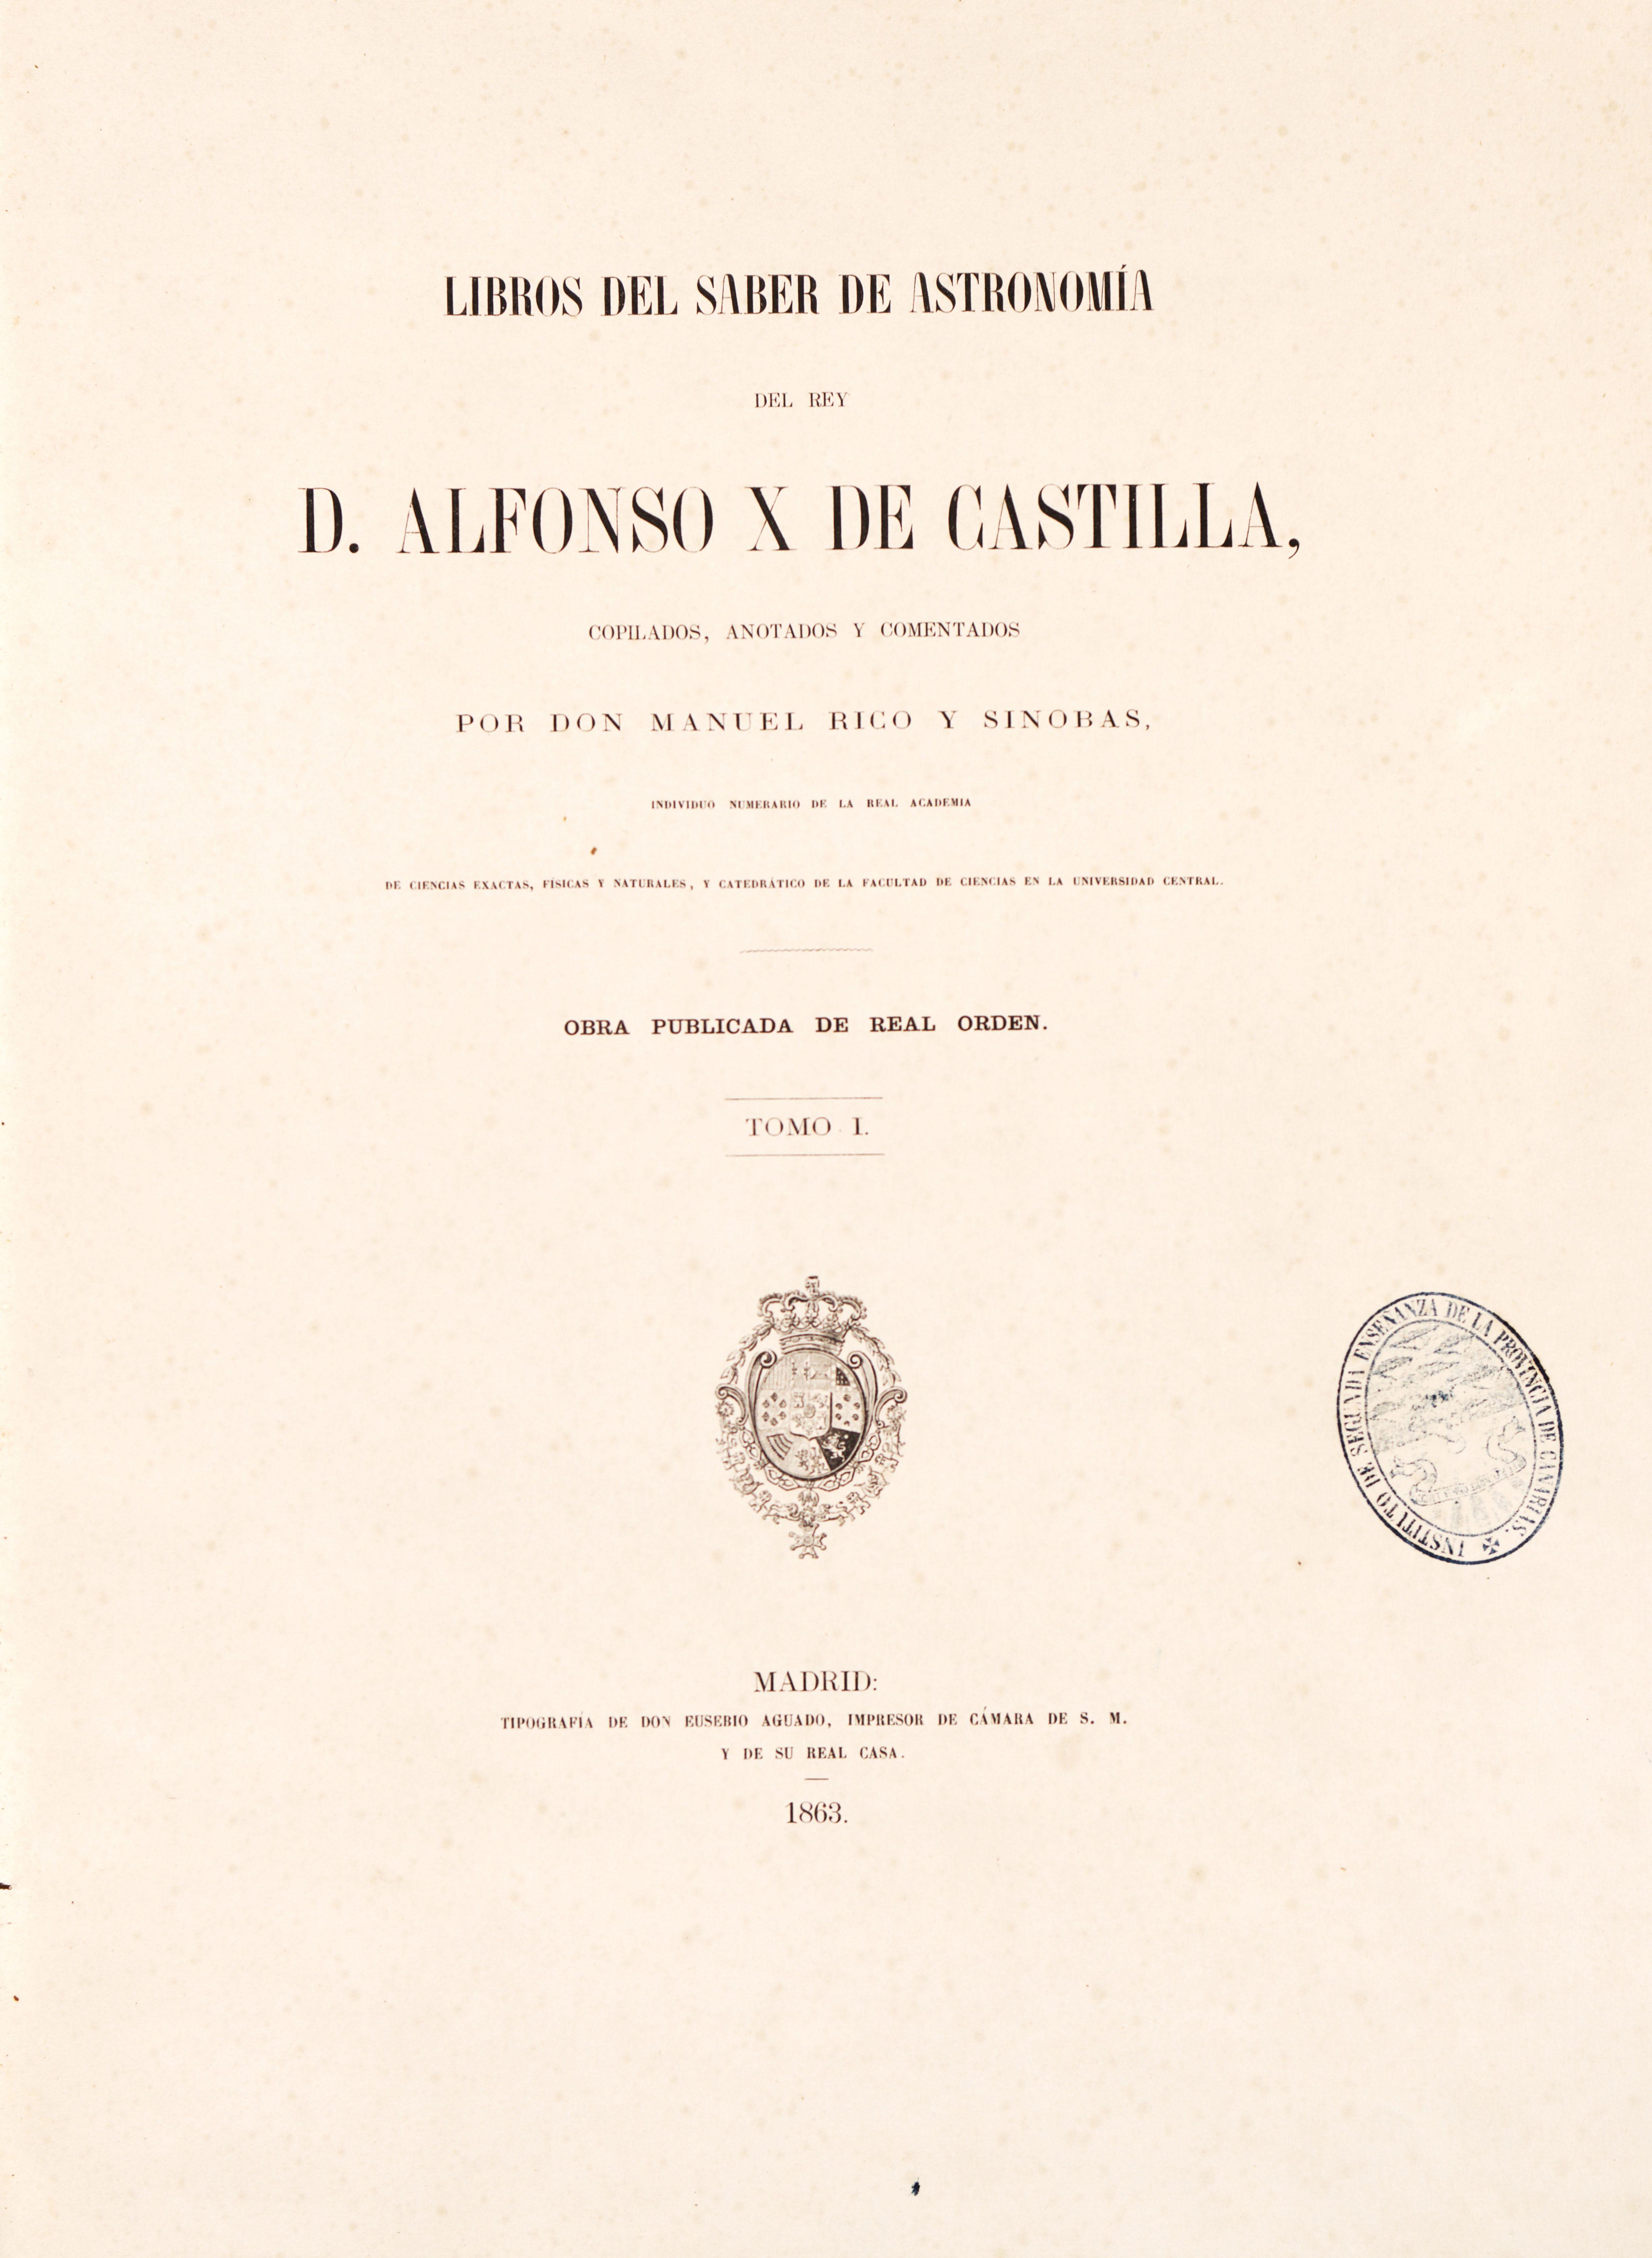 Libros del saber de astronomía del Rey D. Alfonso X de Castilla / copilados, anotados y comentados por Manuel Rico y Sinobas. - Madrid : [s.n.], 1863-1867 (Tipografía de D. Eusebio Aguado). En 5 tomos. Acceso al texto http://bdh-rd.bne.es/viewer.vm?id=0000134992&page=1. El manuscrito original, compuesto por 16 tratados sobre la ciencia de los cuerpos celestes y los instrumentos para su estudio, fue encargado por el Rey a autores de diversos orígenes que tradujeron obras del arameo, árabe y…